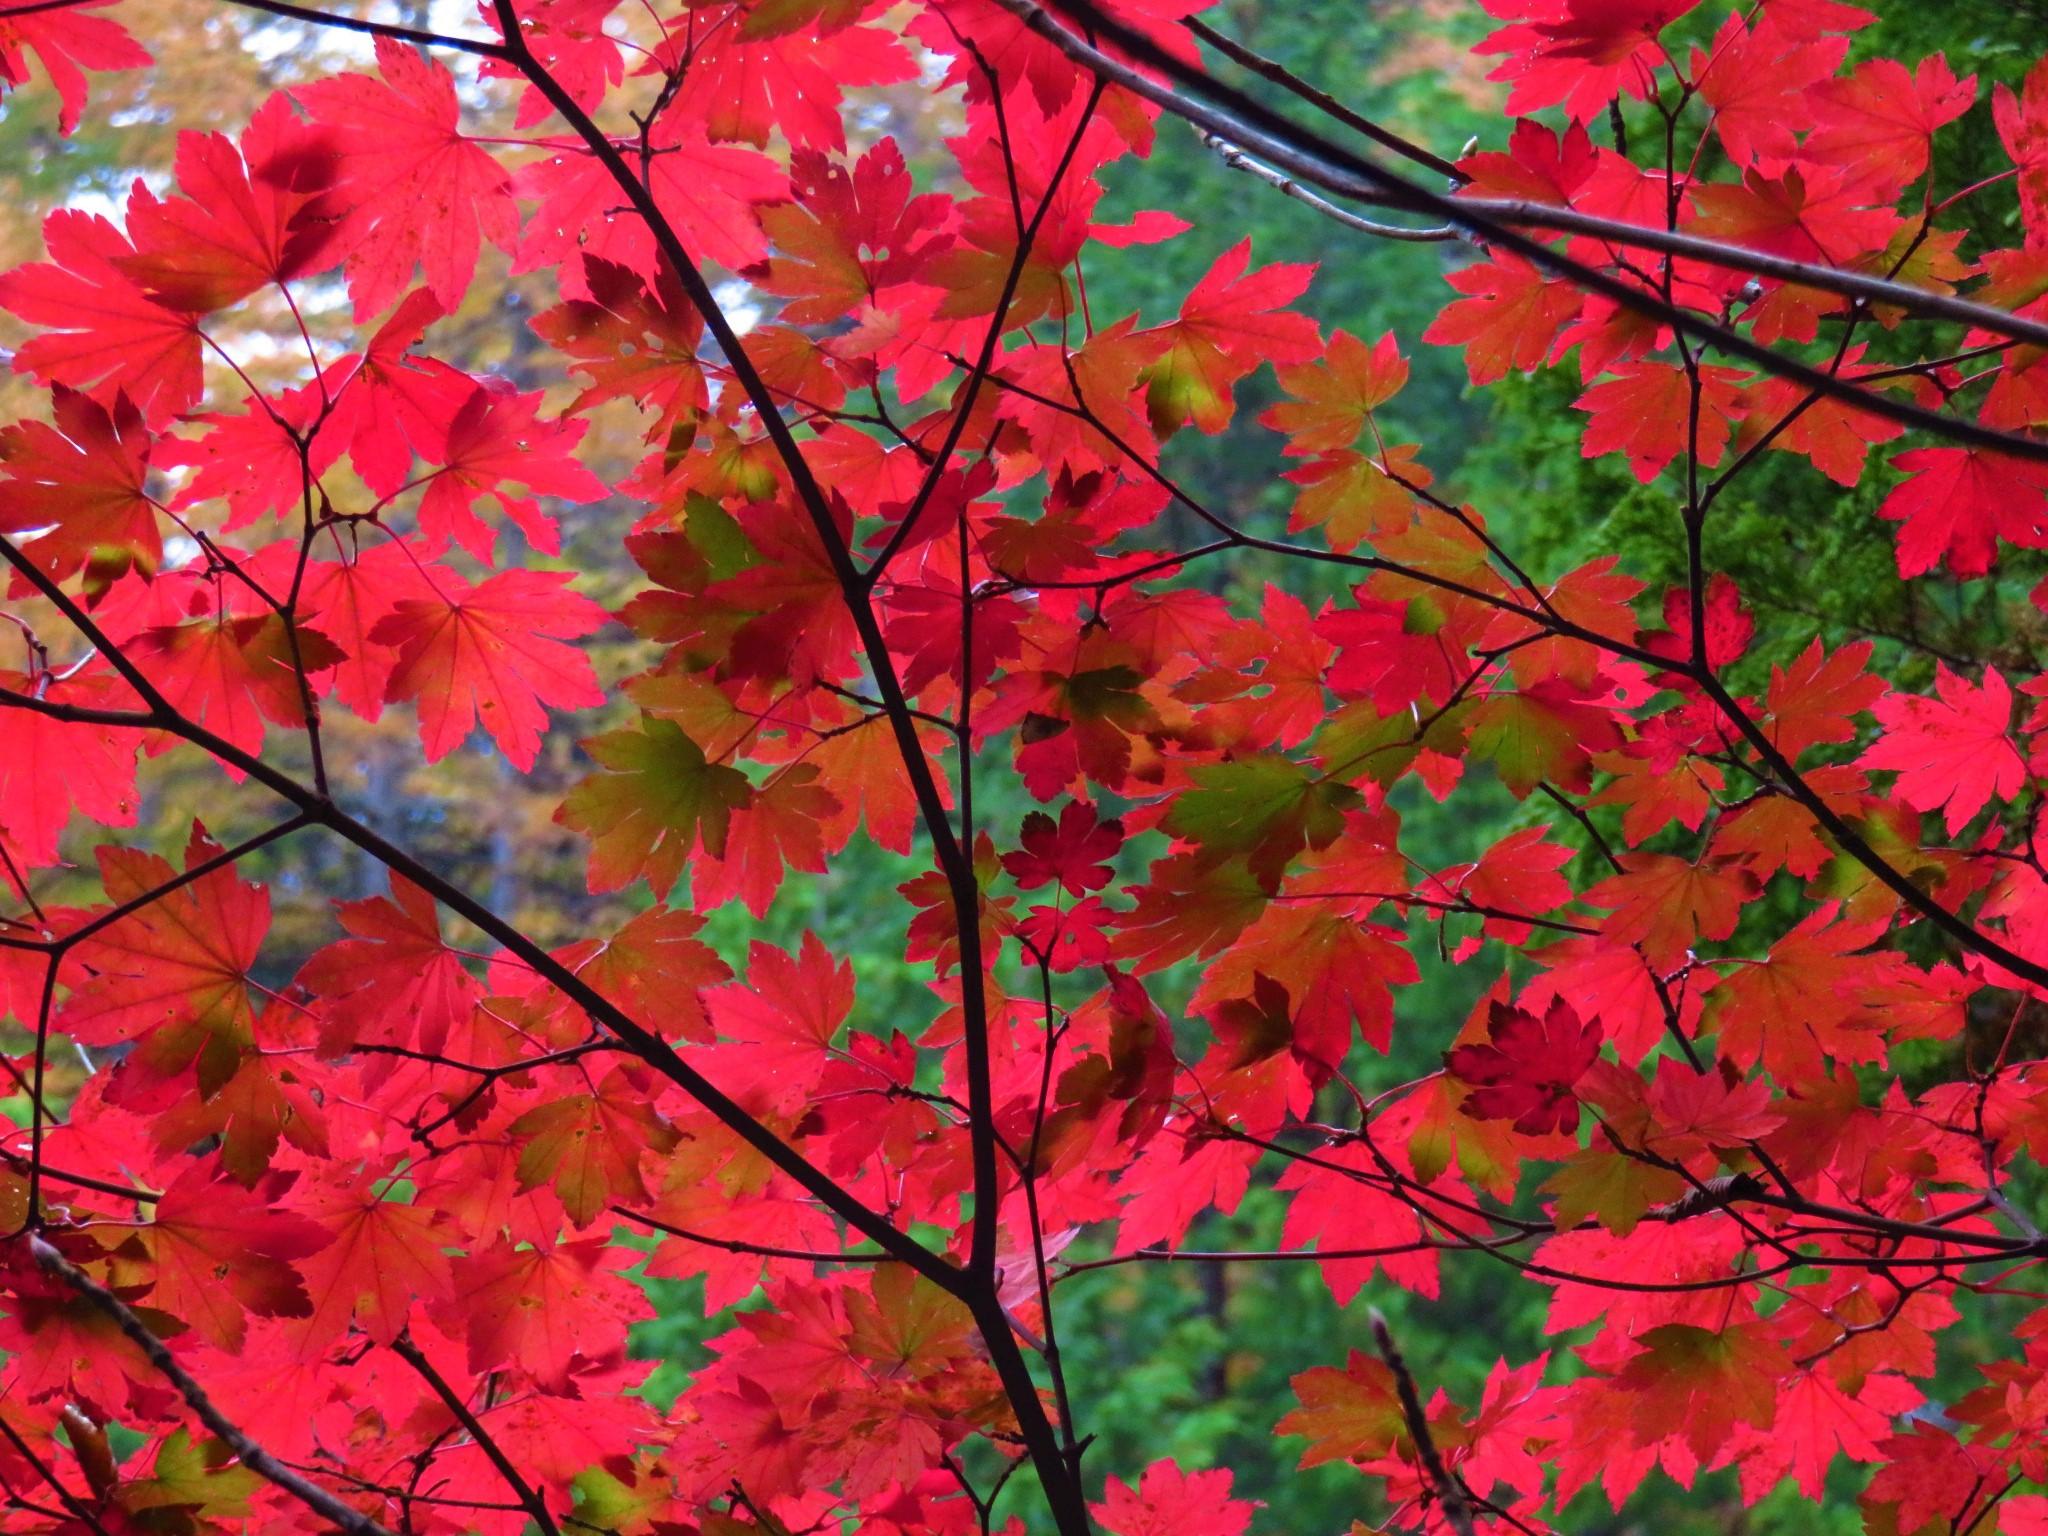 森の案内人と歩く<br>錦秋のカエデを楽しむハイキング<br>三頭山の森ハイキング 日帰り